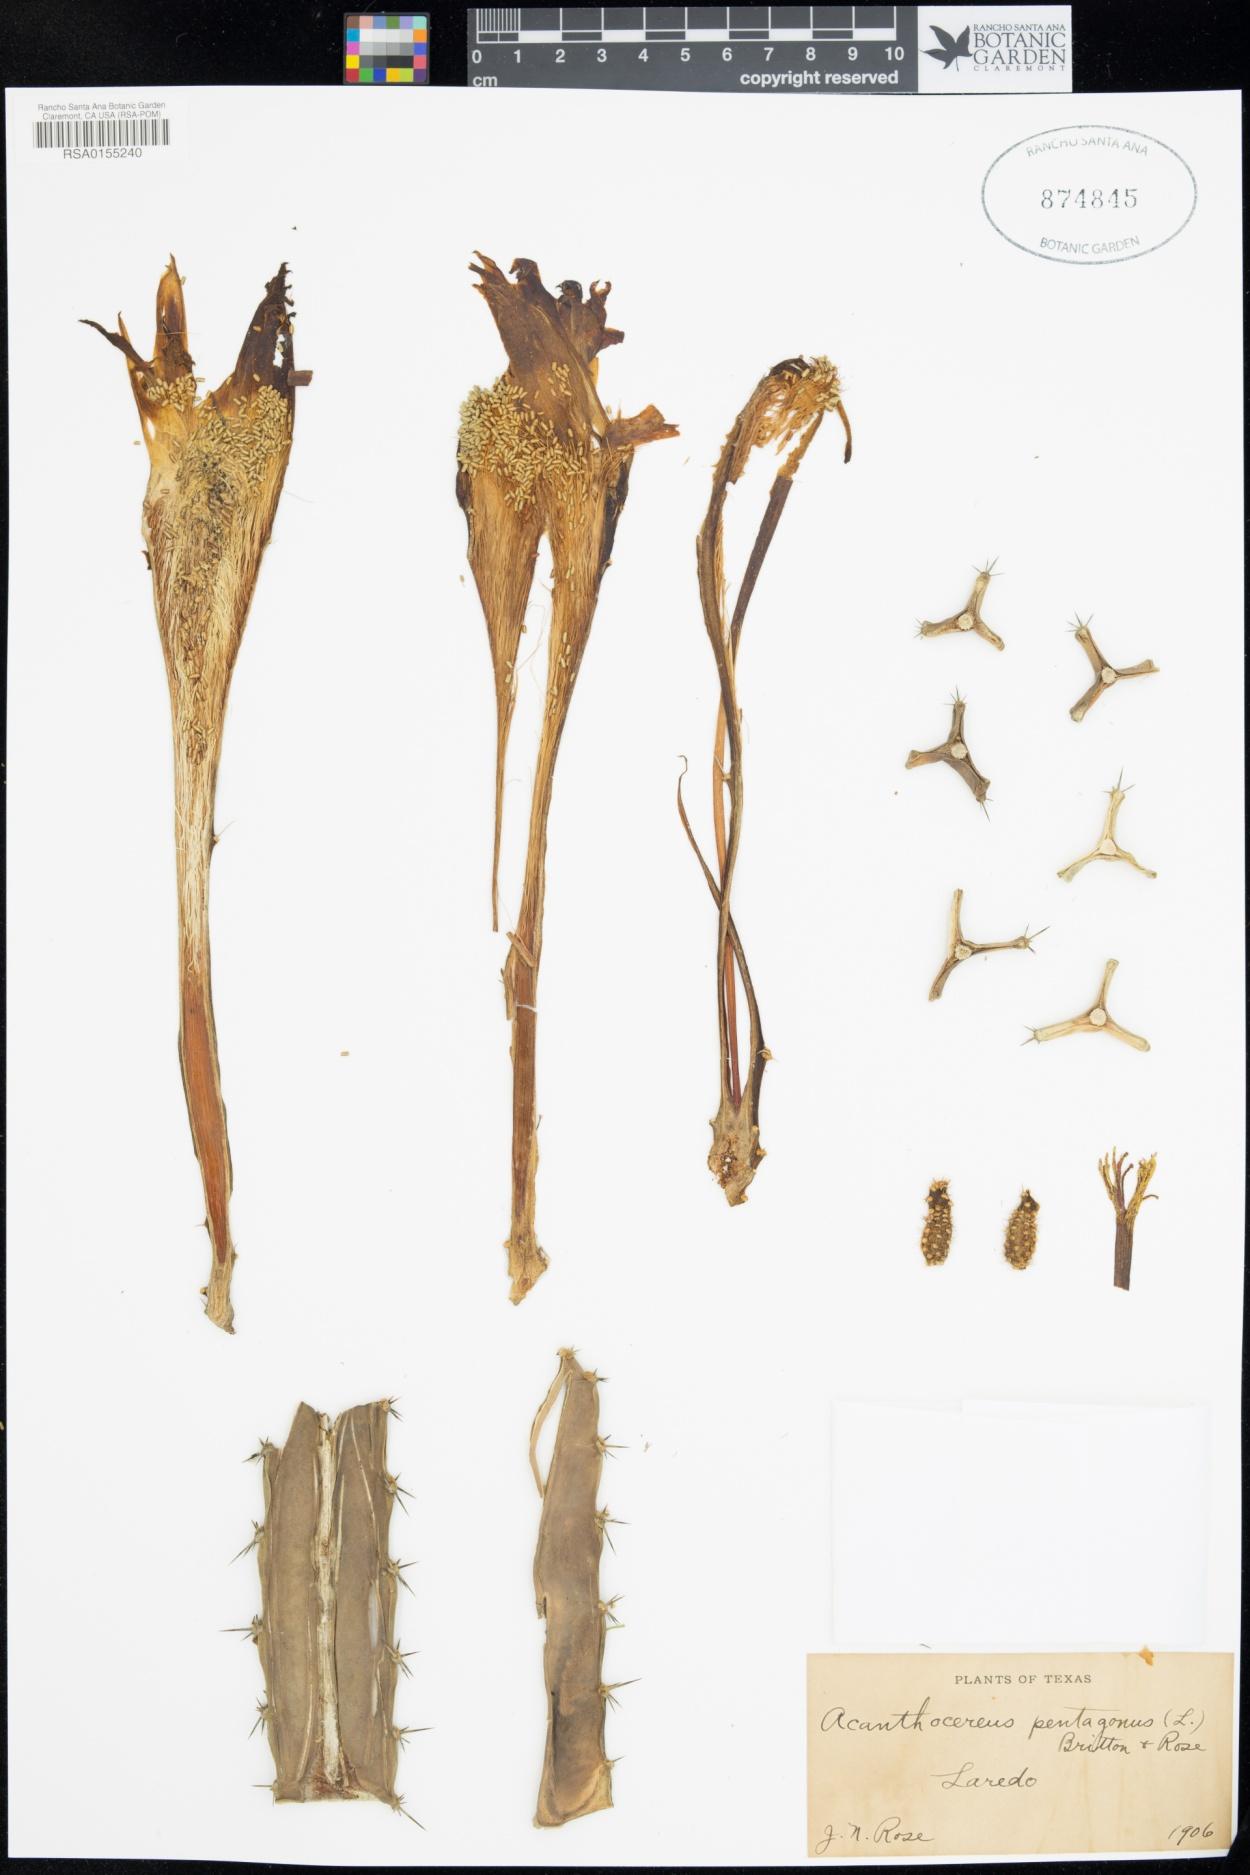 Acanthocereus pentagonus image